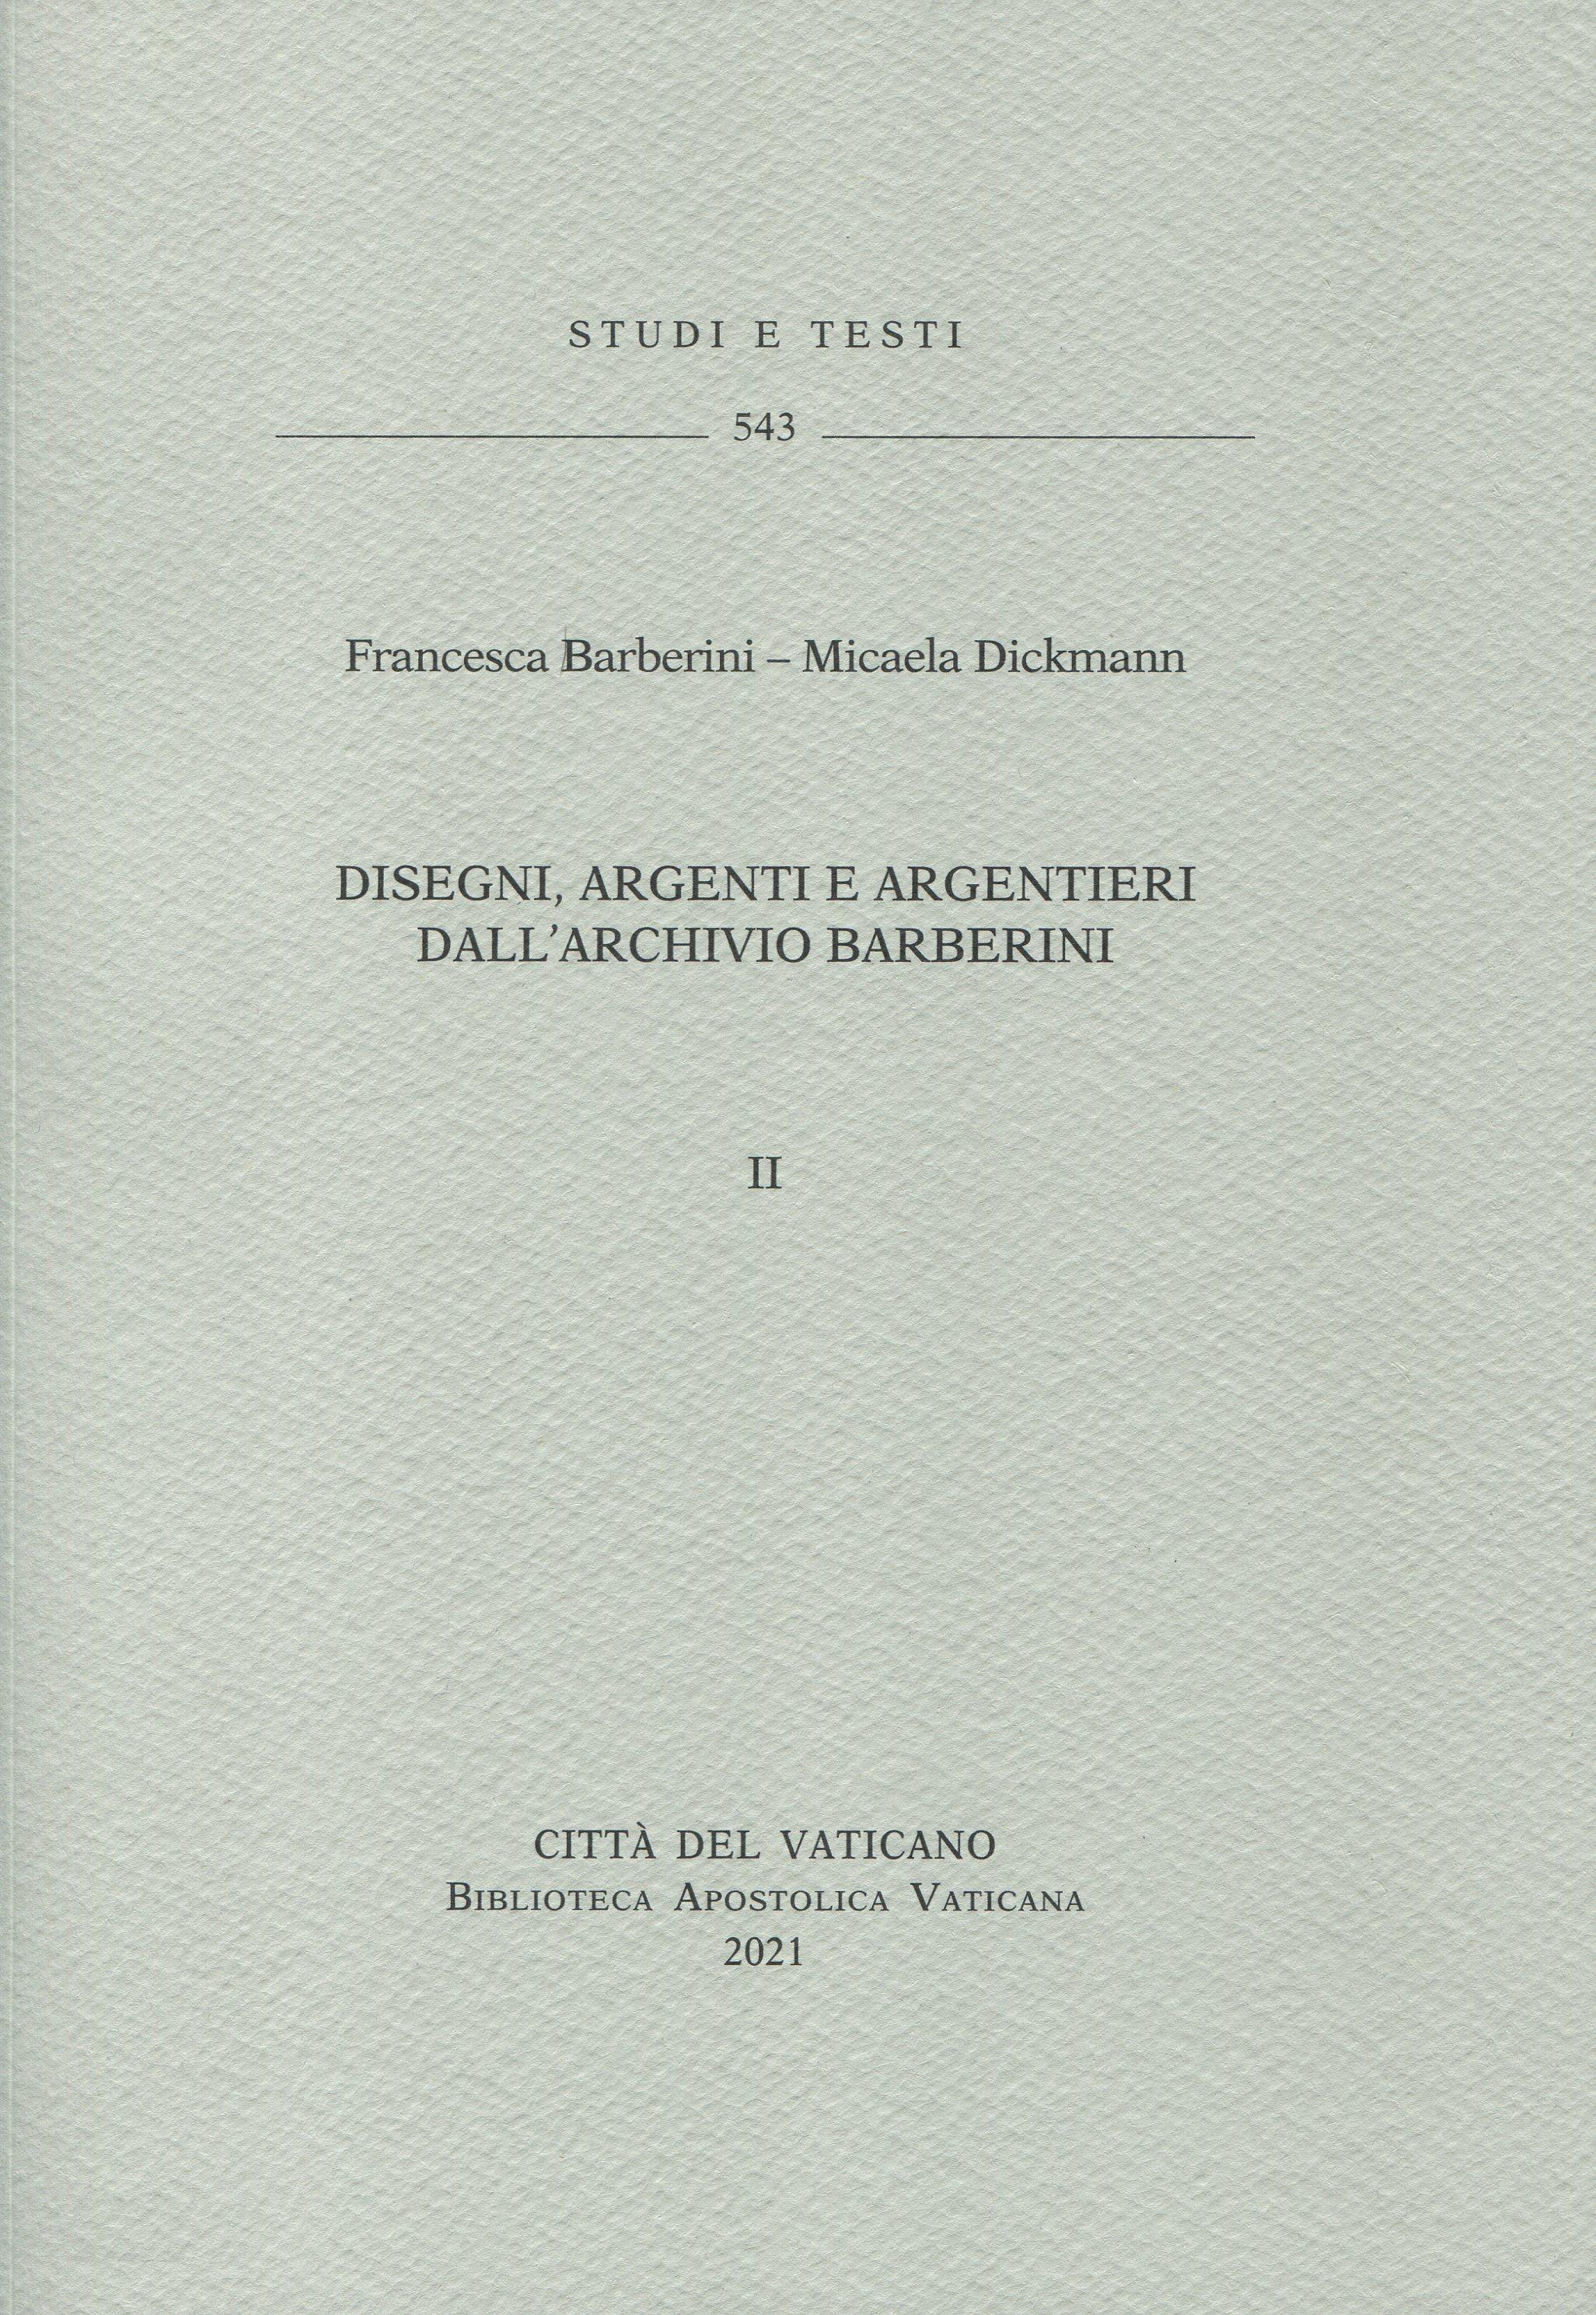 Disegni, argenti e argentieri dall'Archivio Barberini. ‒ Vol. II.